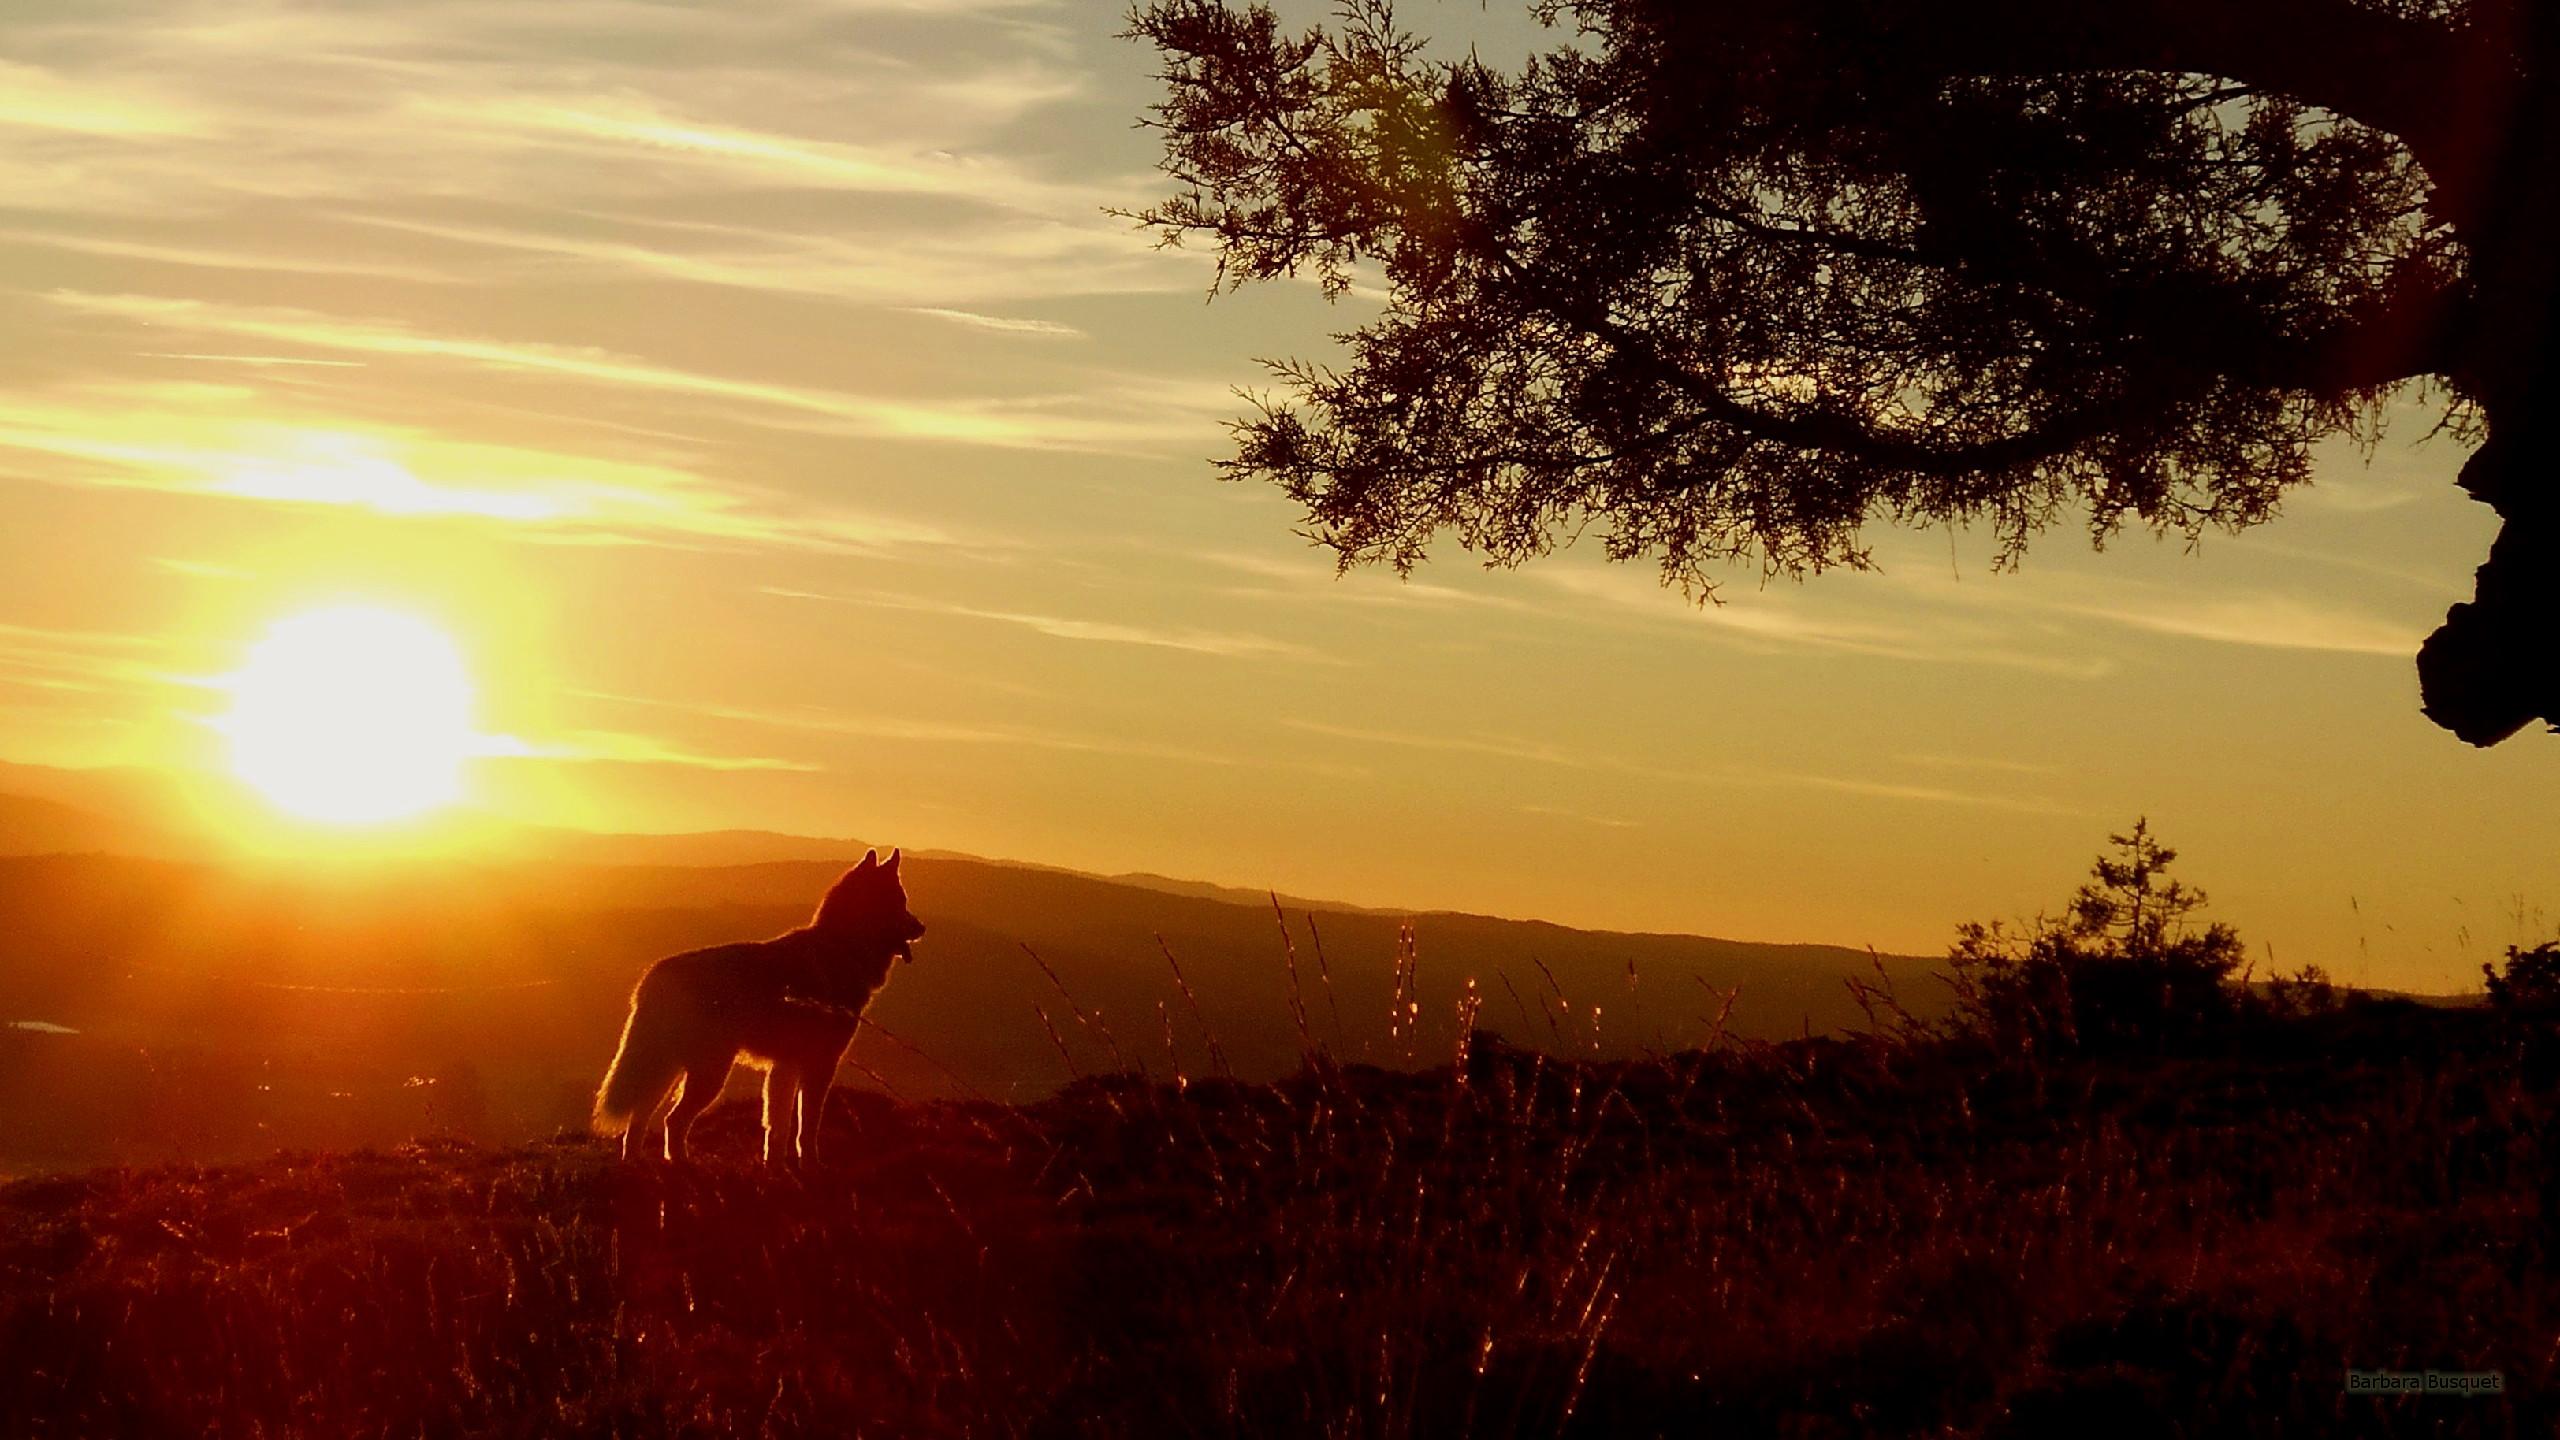 Fall Hills Wallpaper Sunset Desktop Backgrounds Barbaras Hd Wallpapers